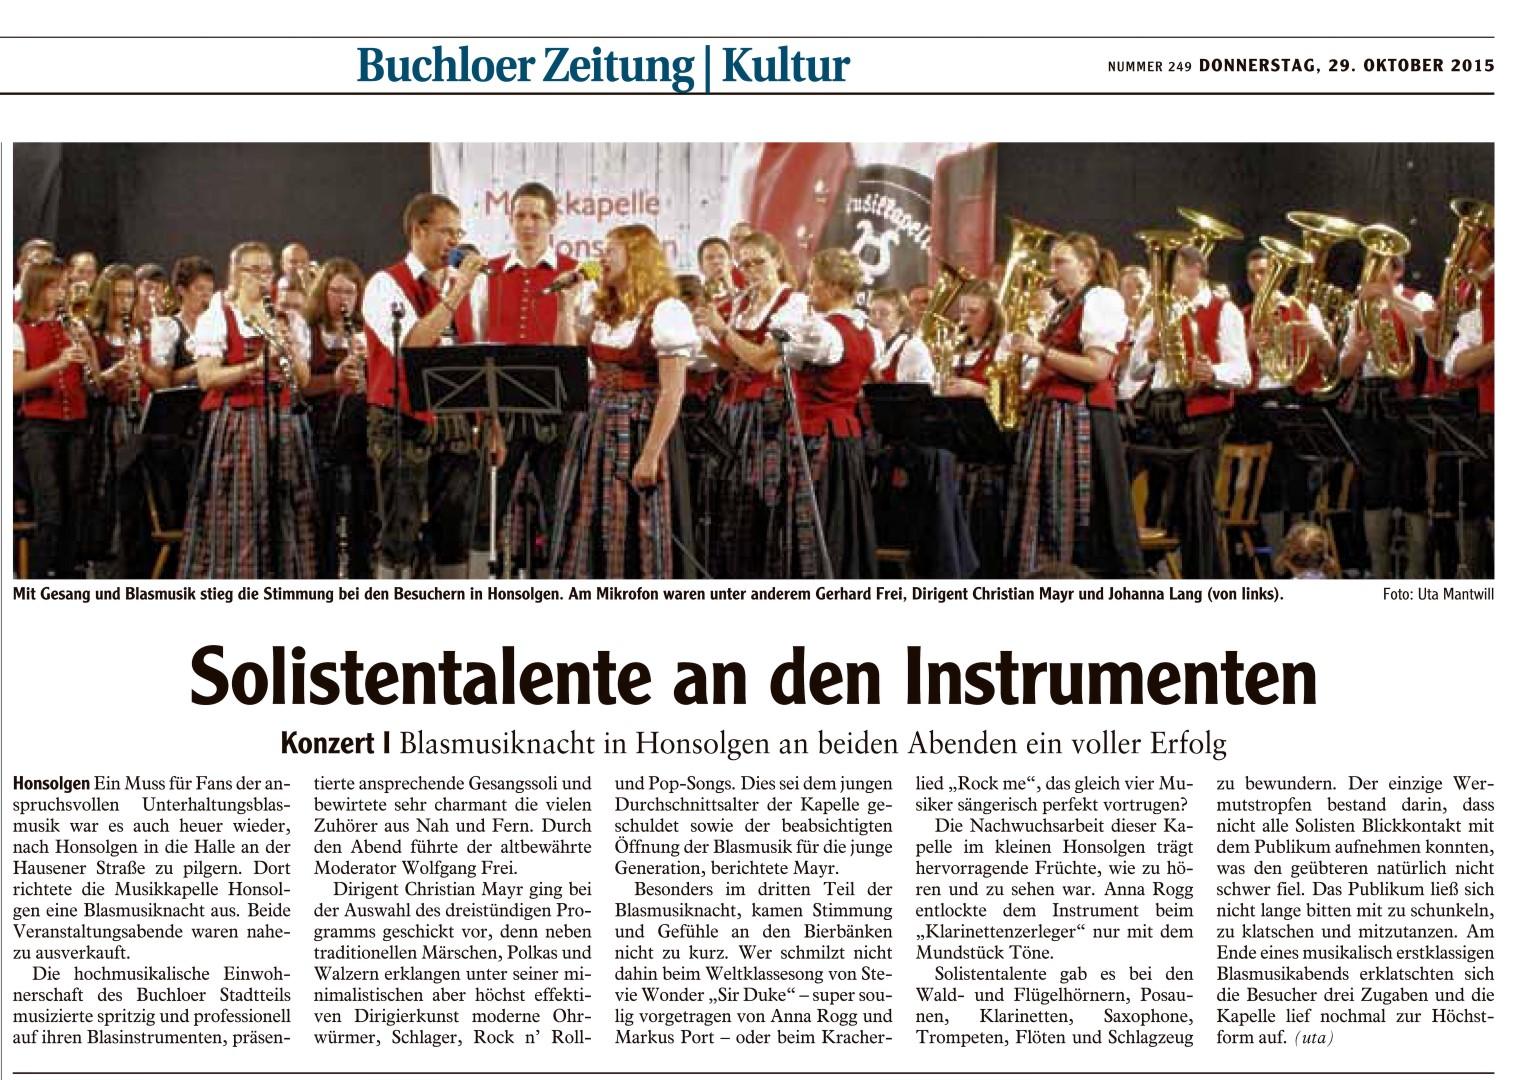 3. Honsolgener Blasmusiknacht 2015_Bericht aus Buchloer Zeitung